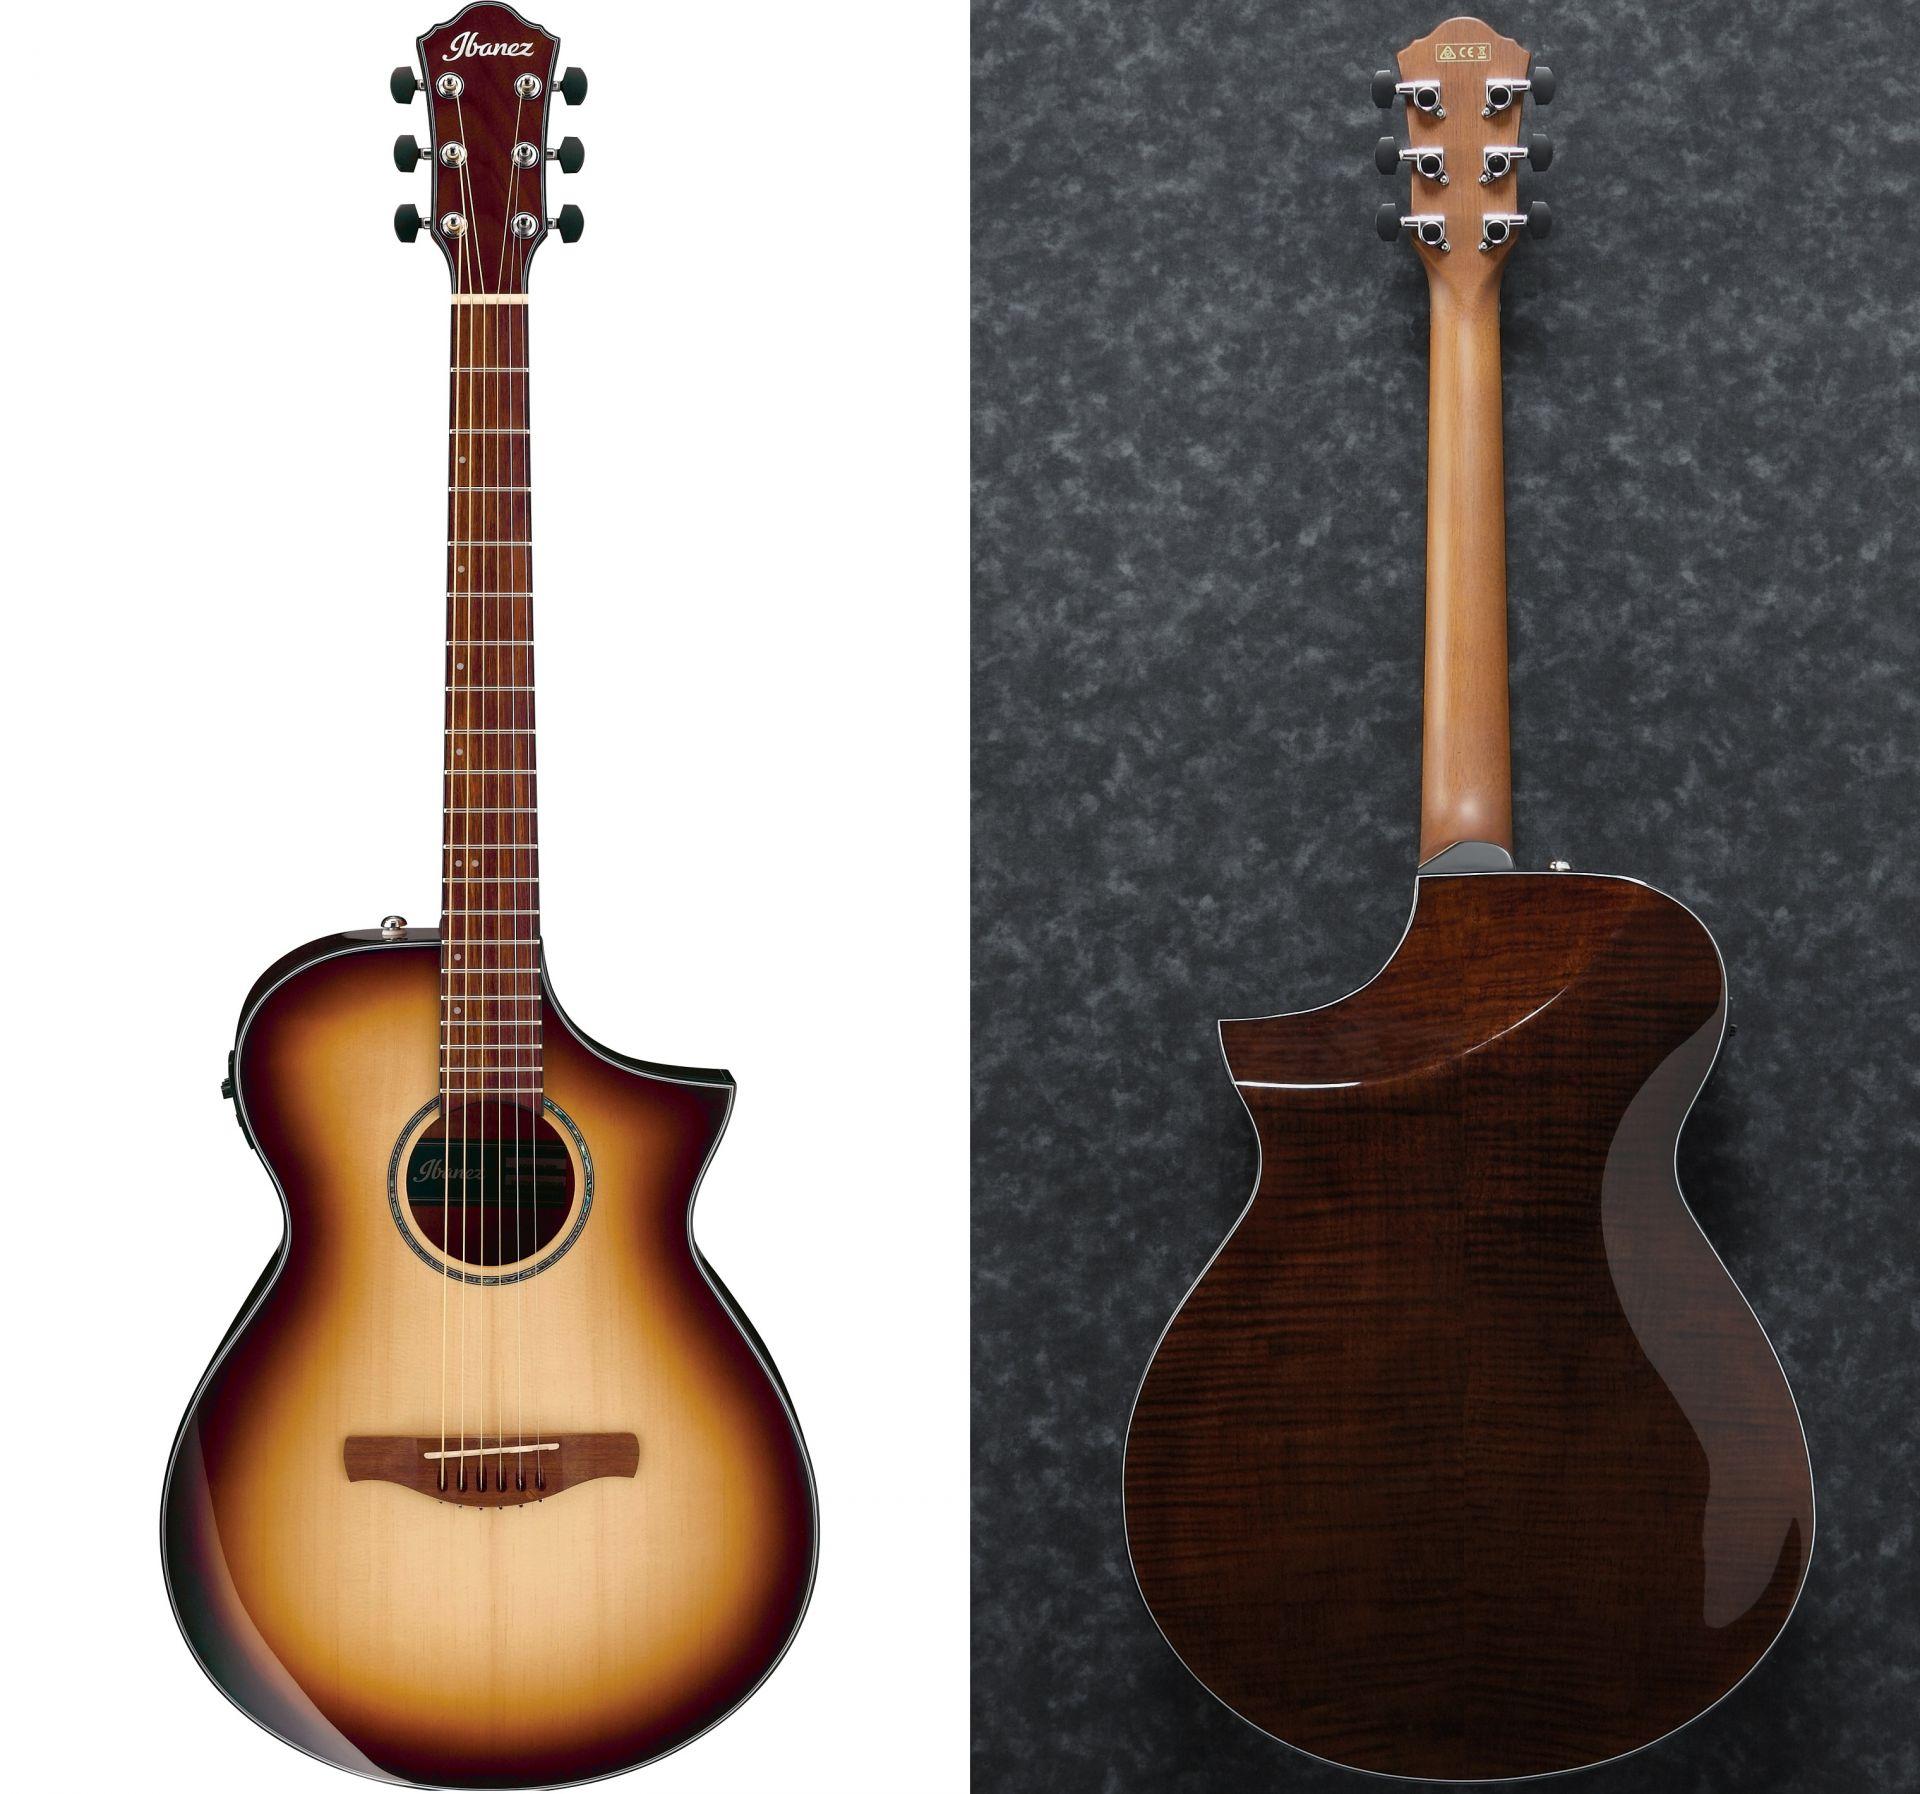 エレキ・ギターやベースの製作経験を活かした、新しいアプローチのエレアコギター。ボディトップにはアーチ加工、バックにはコンター加工を施しており、プレイヤーの体へフィットするよう設計されています。また、左右非対称シェイプのグリップを採用。それによりバツグンの握り心地を実現しました。